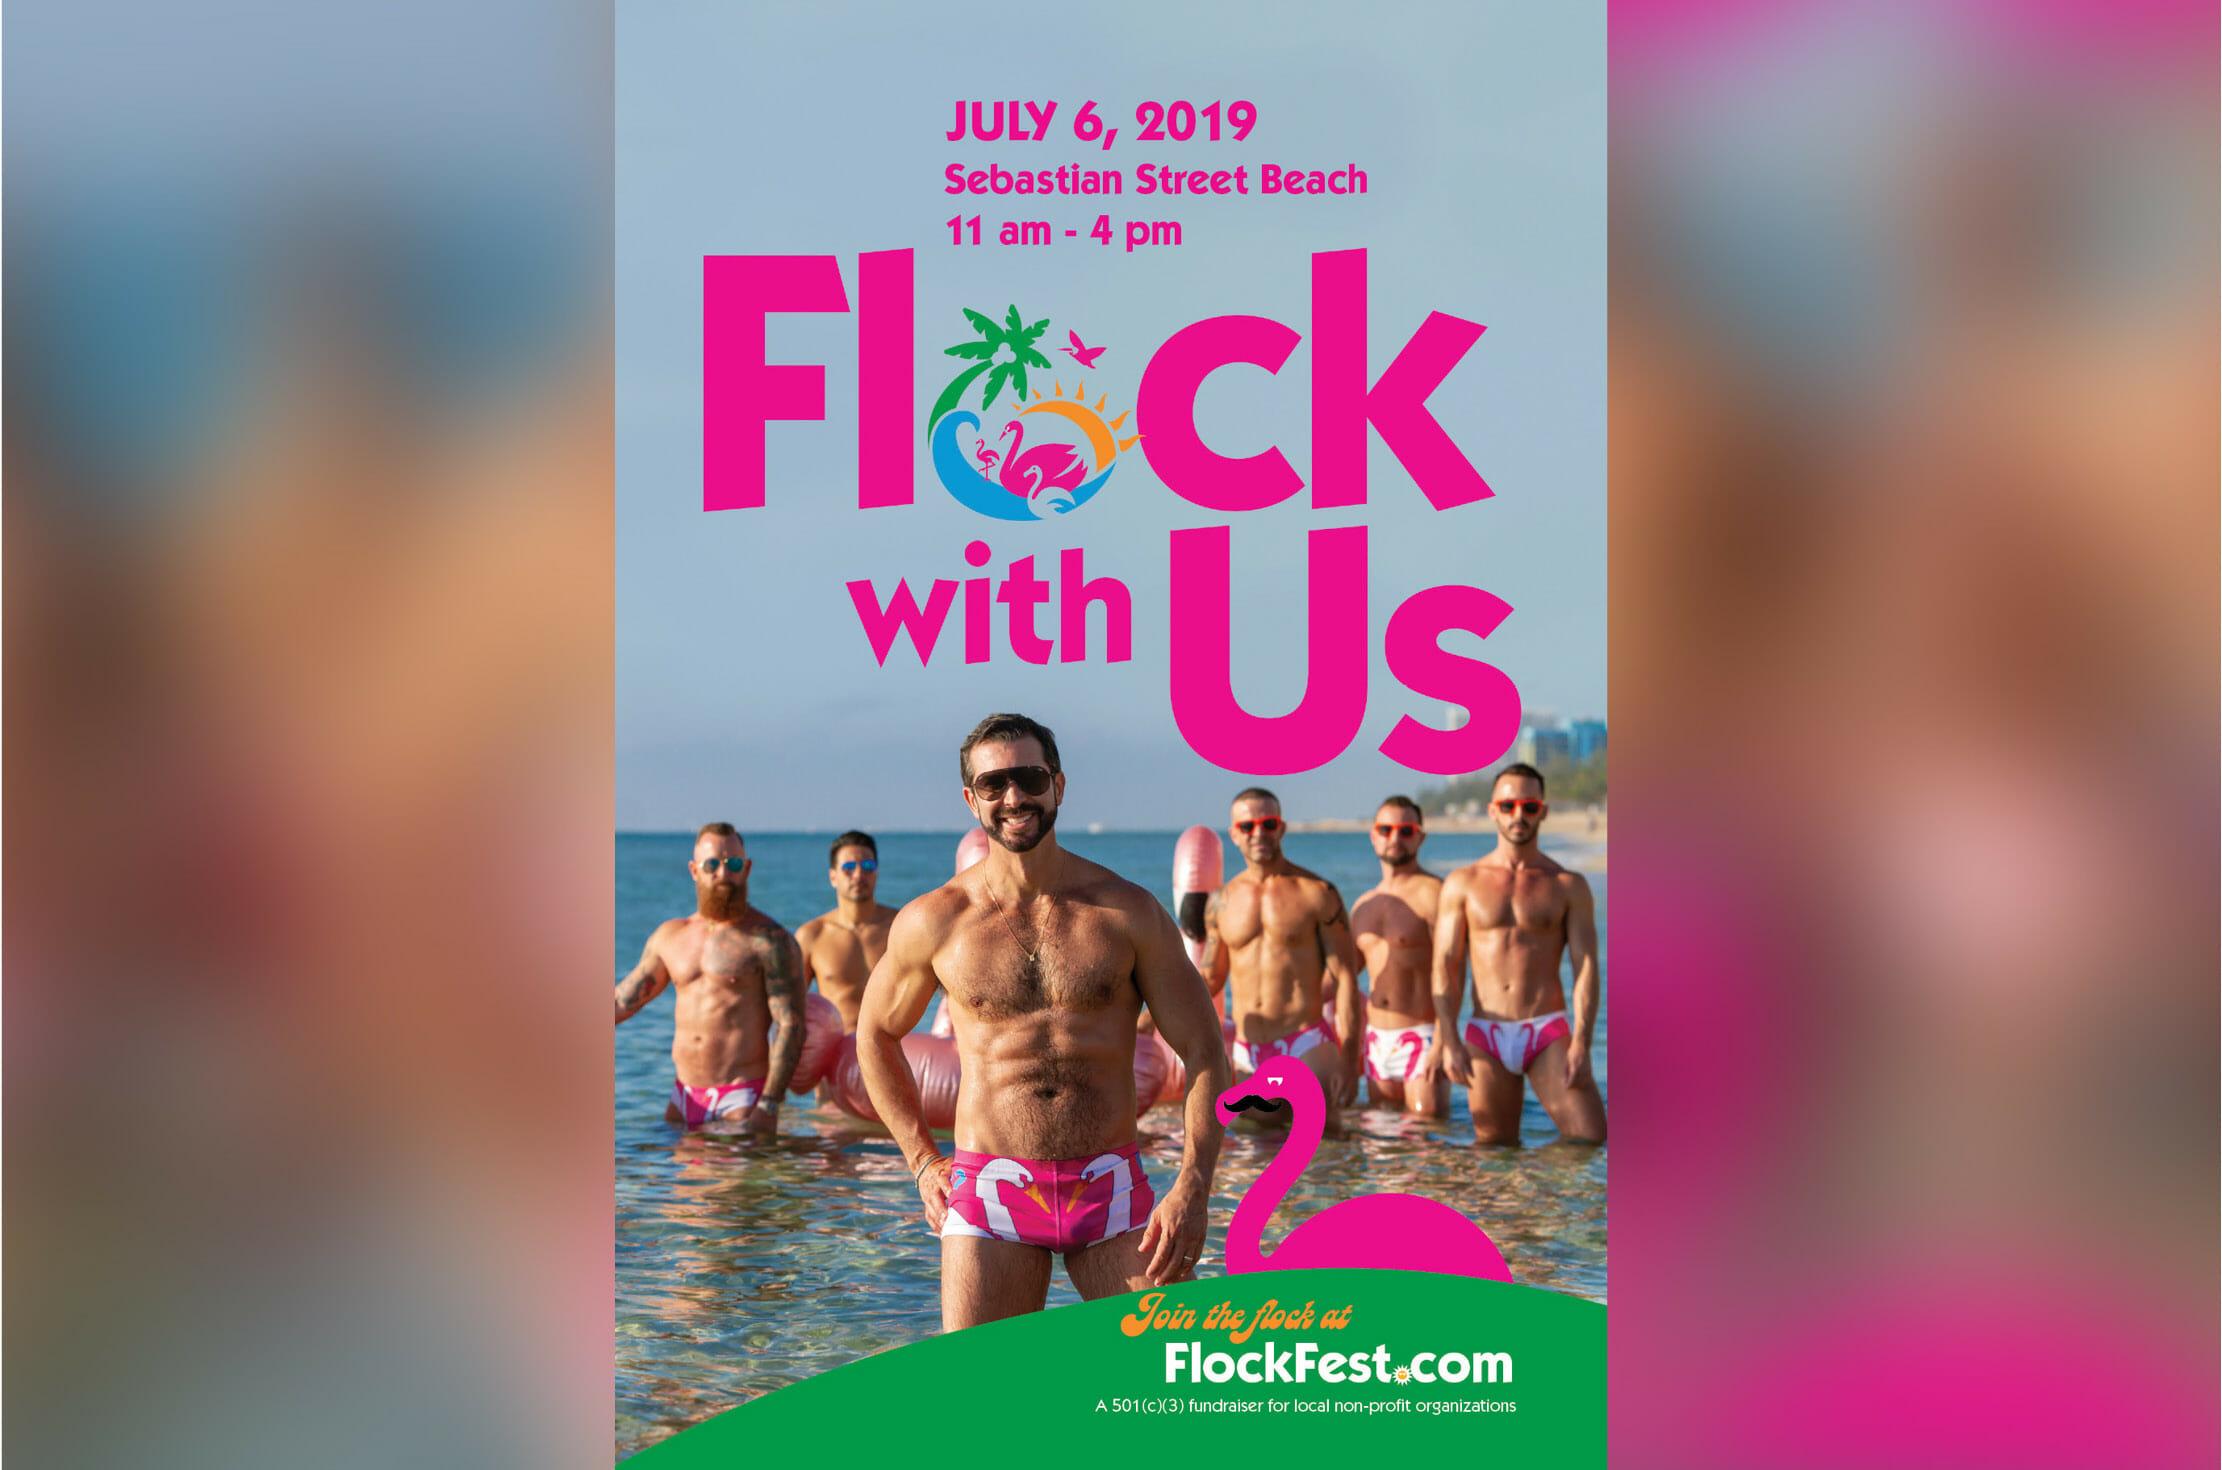 Let's Flock!